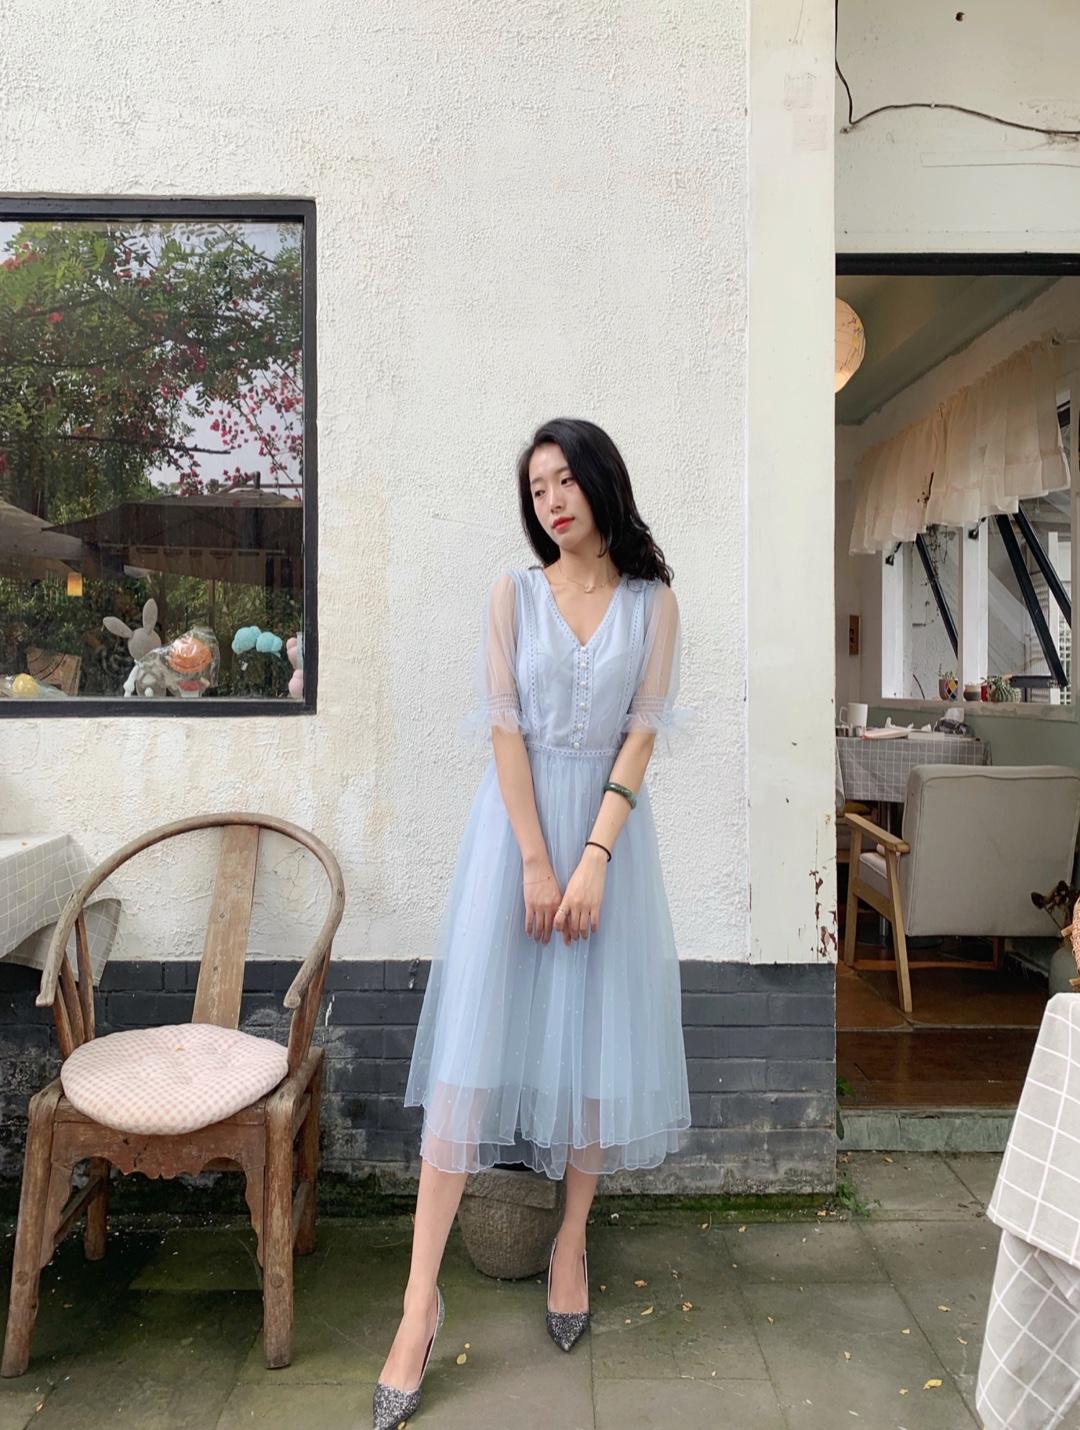 今日推荐💙 这个夏天,怎么可以不入手一件这样如此仙女的裙子。🍭 💫⚡️这种神仙颜色的蓝色,穿上更仙✨ 整个气场都安静下来了, 你就是小仙女。🌟 🍓搭配一双高跟鞋,又显高,又仙女。 👒搭个帽子也是可以的。百搭!!!!🍒 种草吧……👗#今夏最火:法式少女风,盘它!#